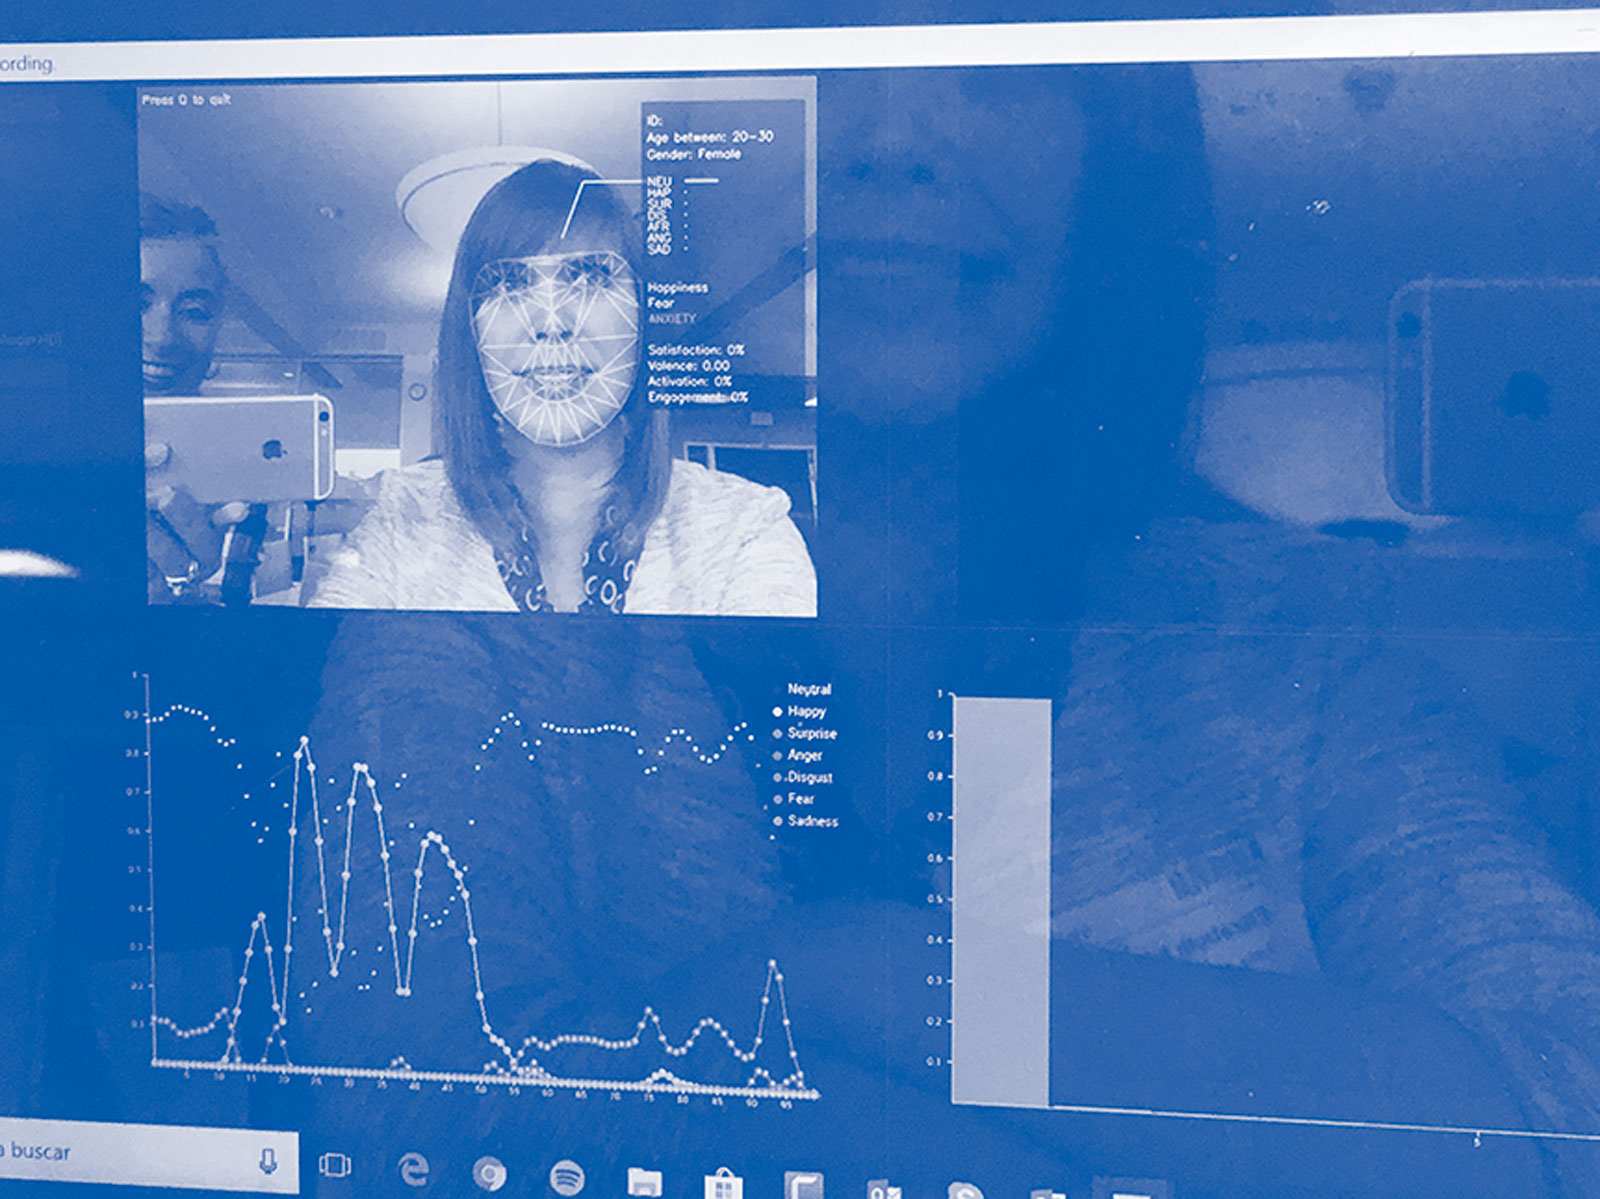 Los profesionales biométricos dicen que pueden aprovechar las verdades que los votantes no pueden expresar.